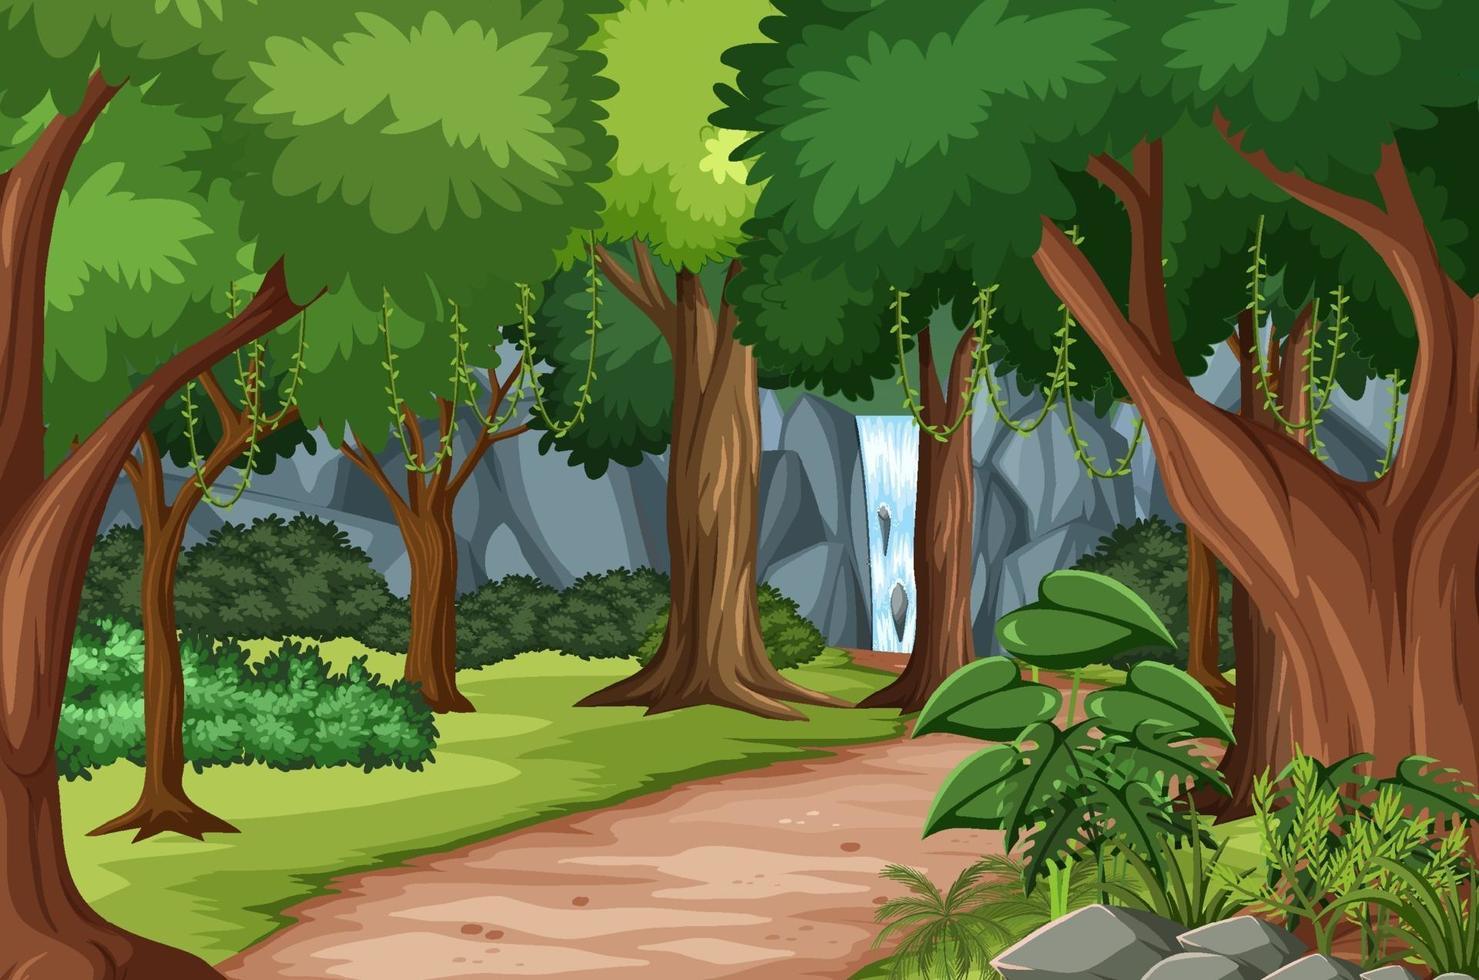 Escena del bosque con pista de senderismo y muchos árboles. vector